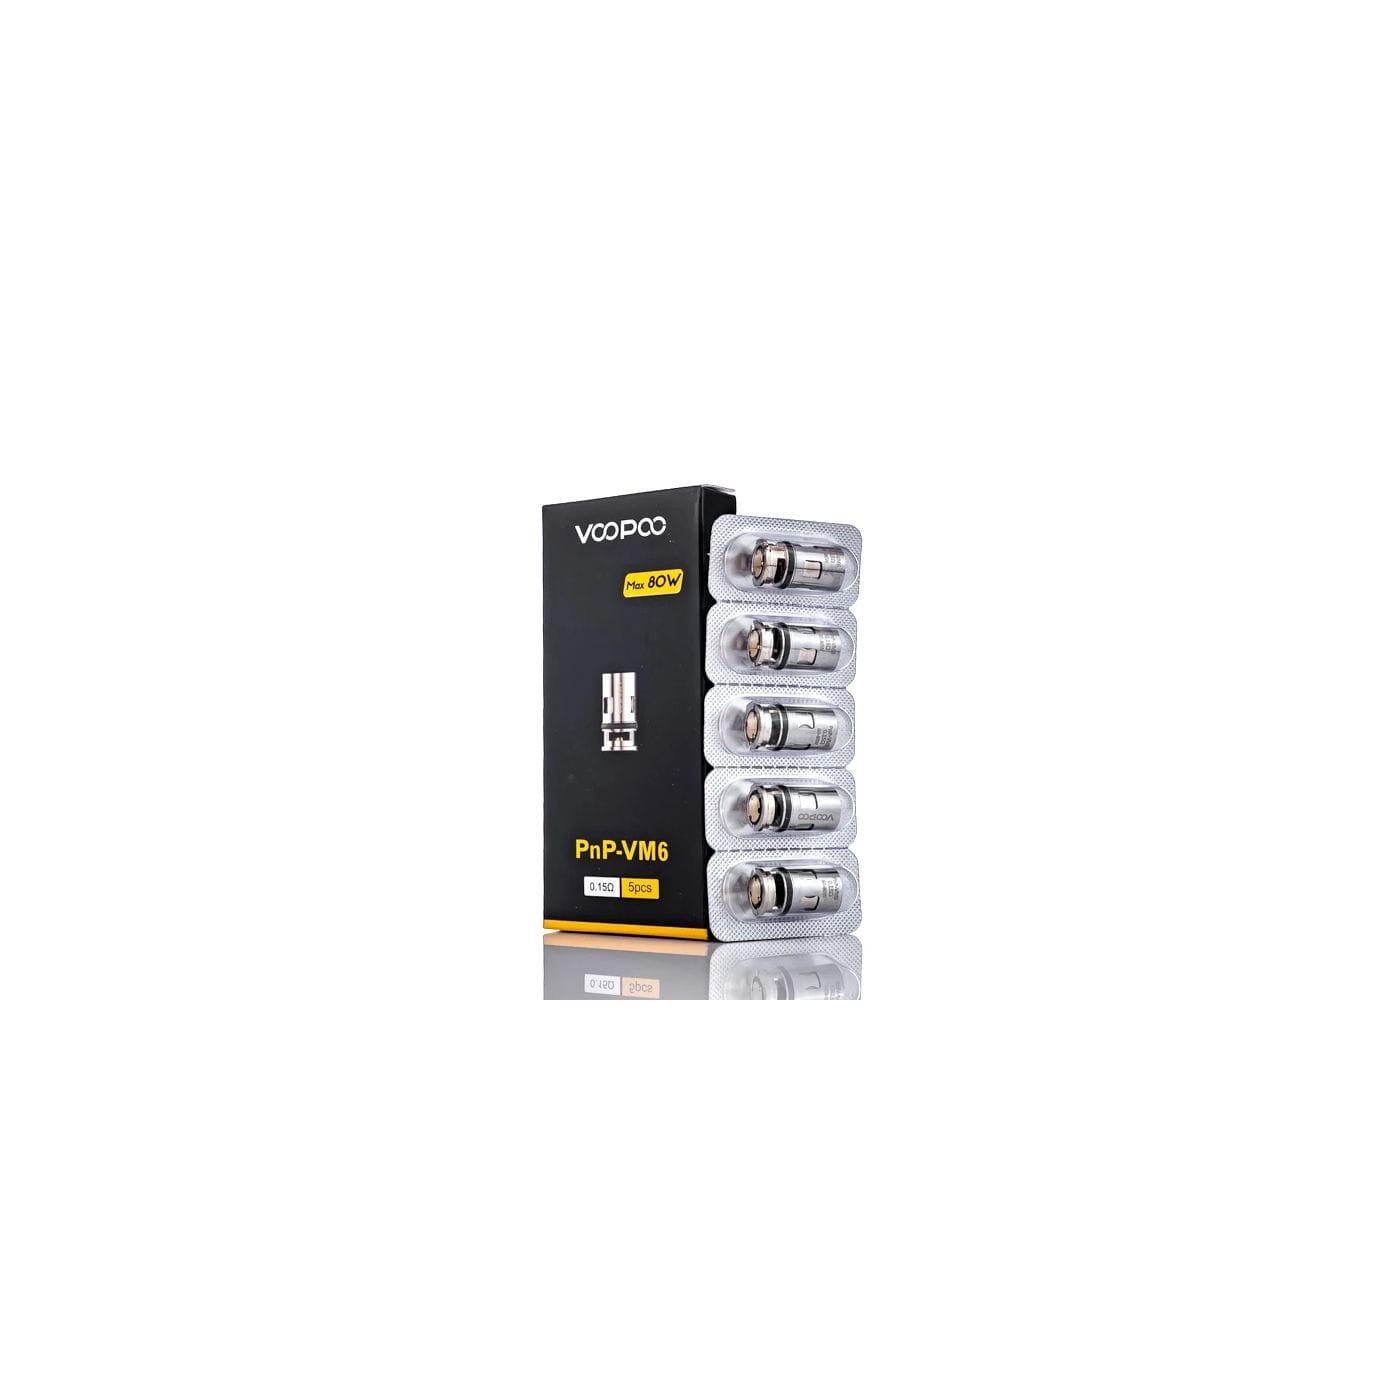 VooPoo PnP-VM6 Coil - 5 Pack